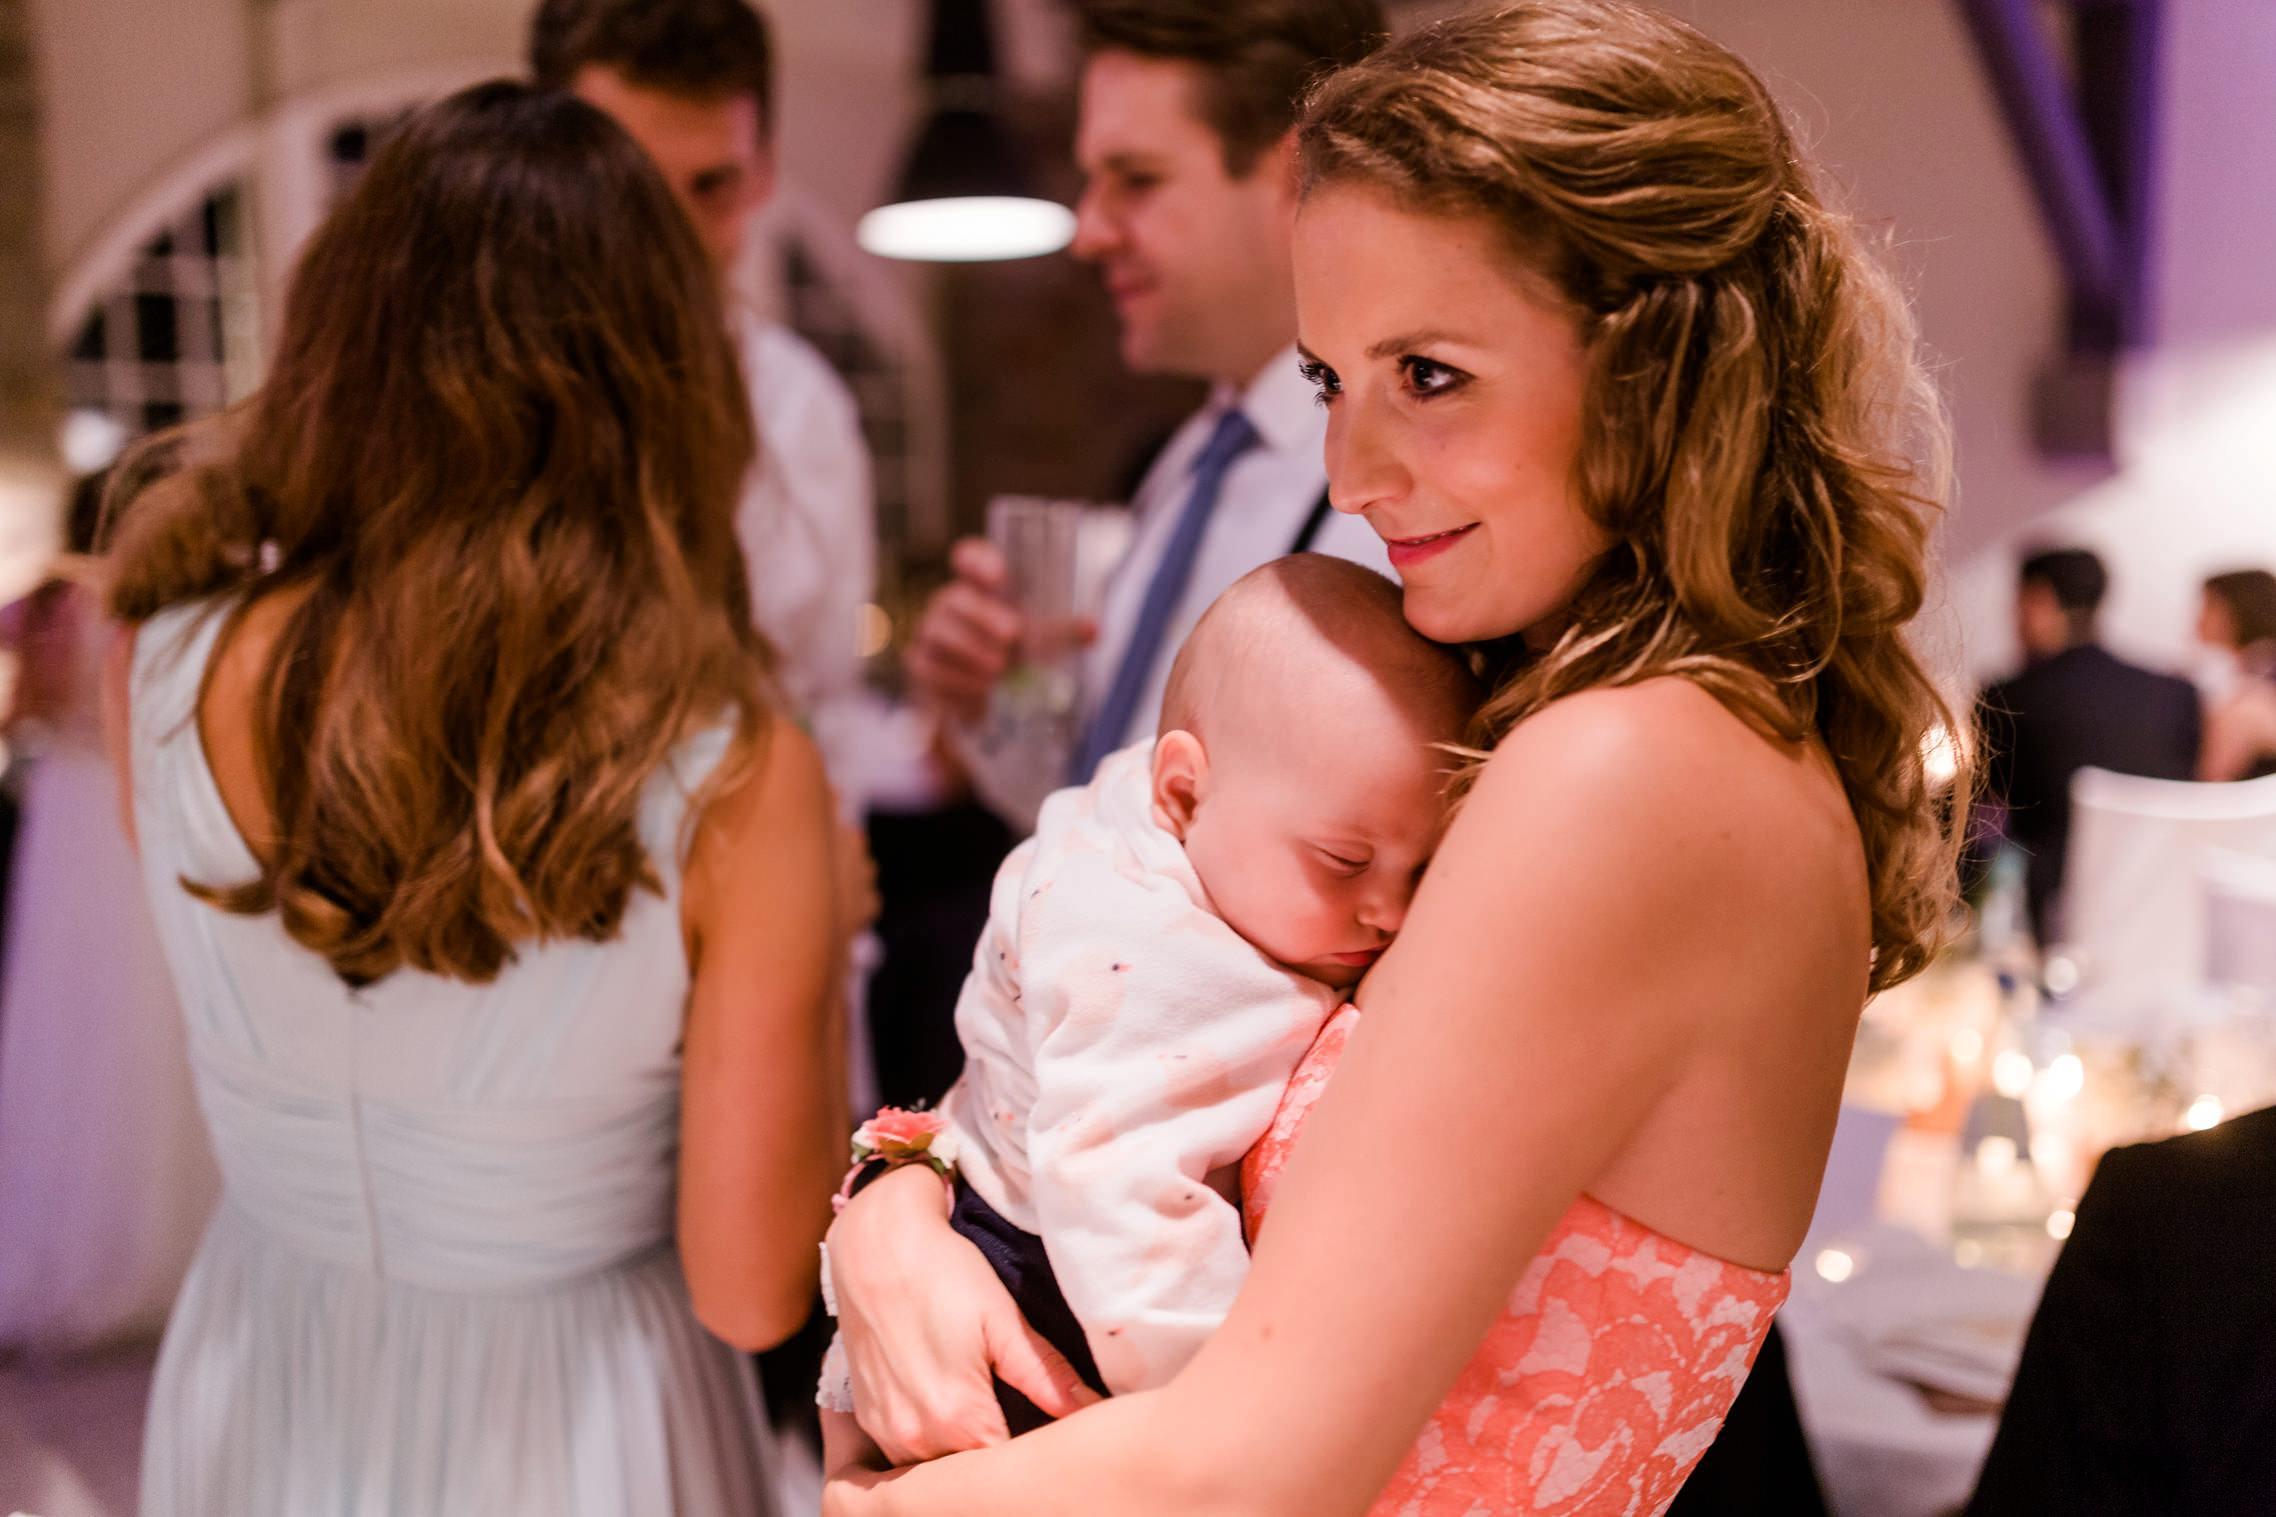 Eine Frau hält ein schlafendes Baby im Arm.